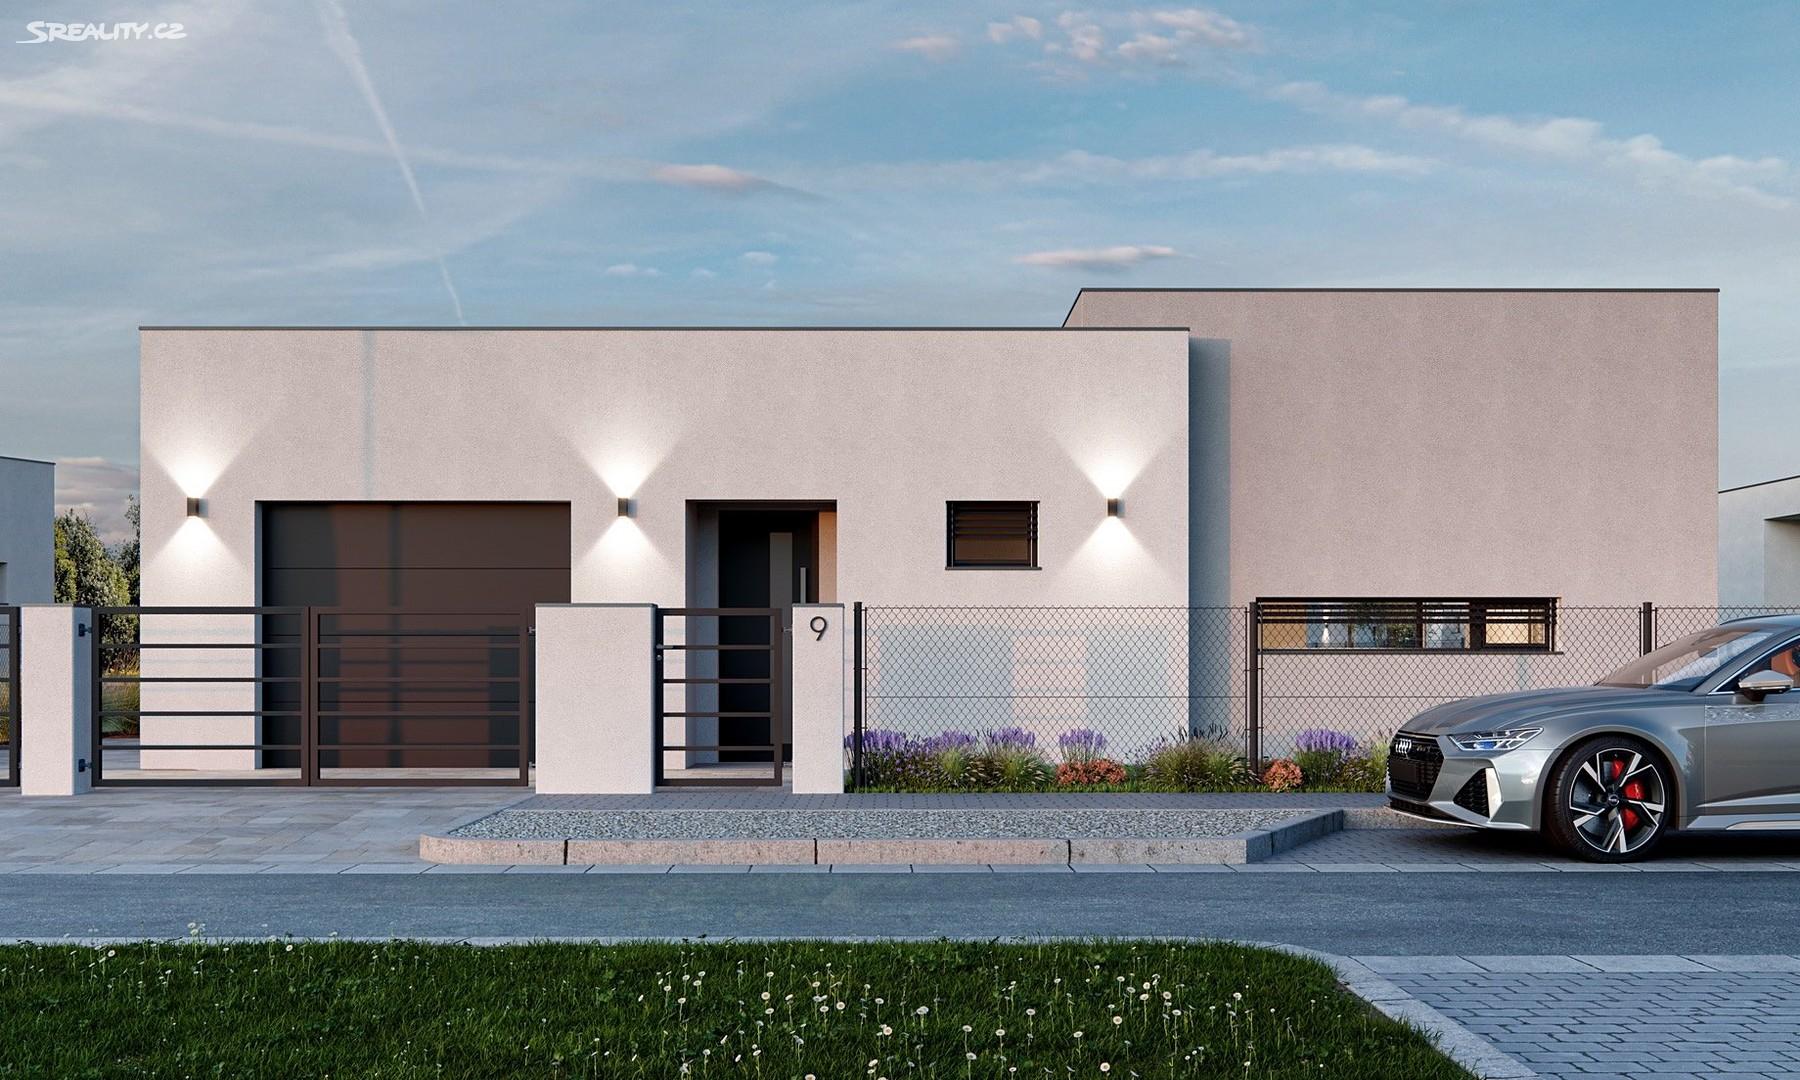 Prodej  rodinného domu 185m², pozemek 1007m², Pardubice - Hostovice, okres Pardubice